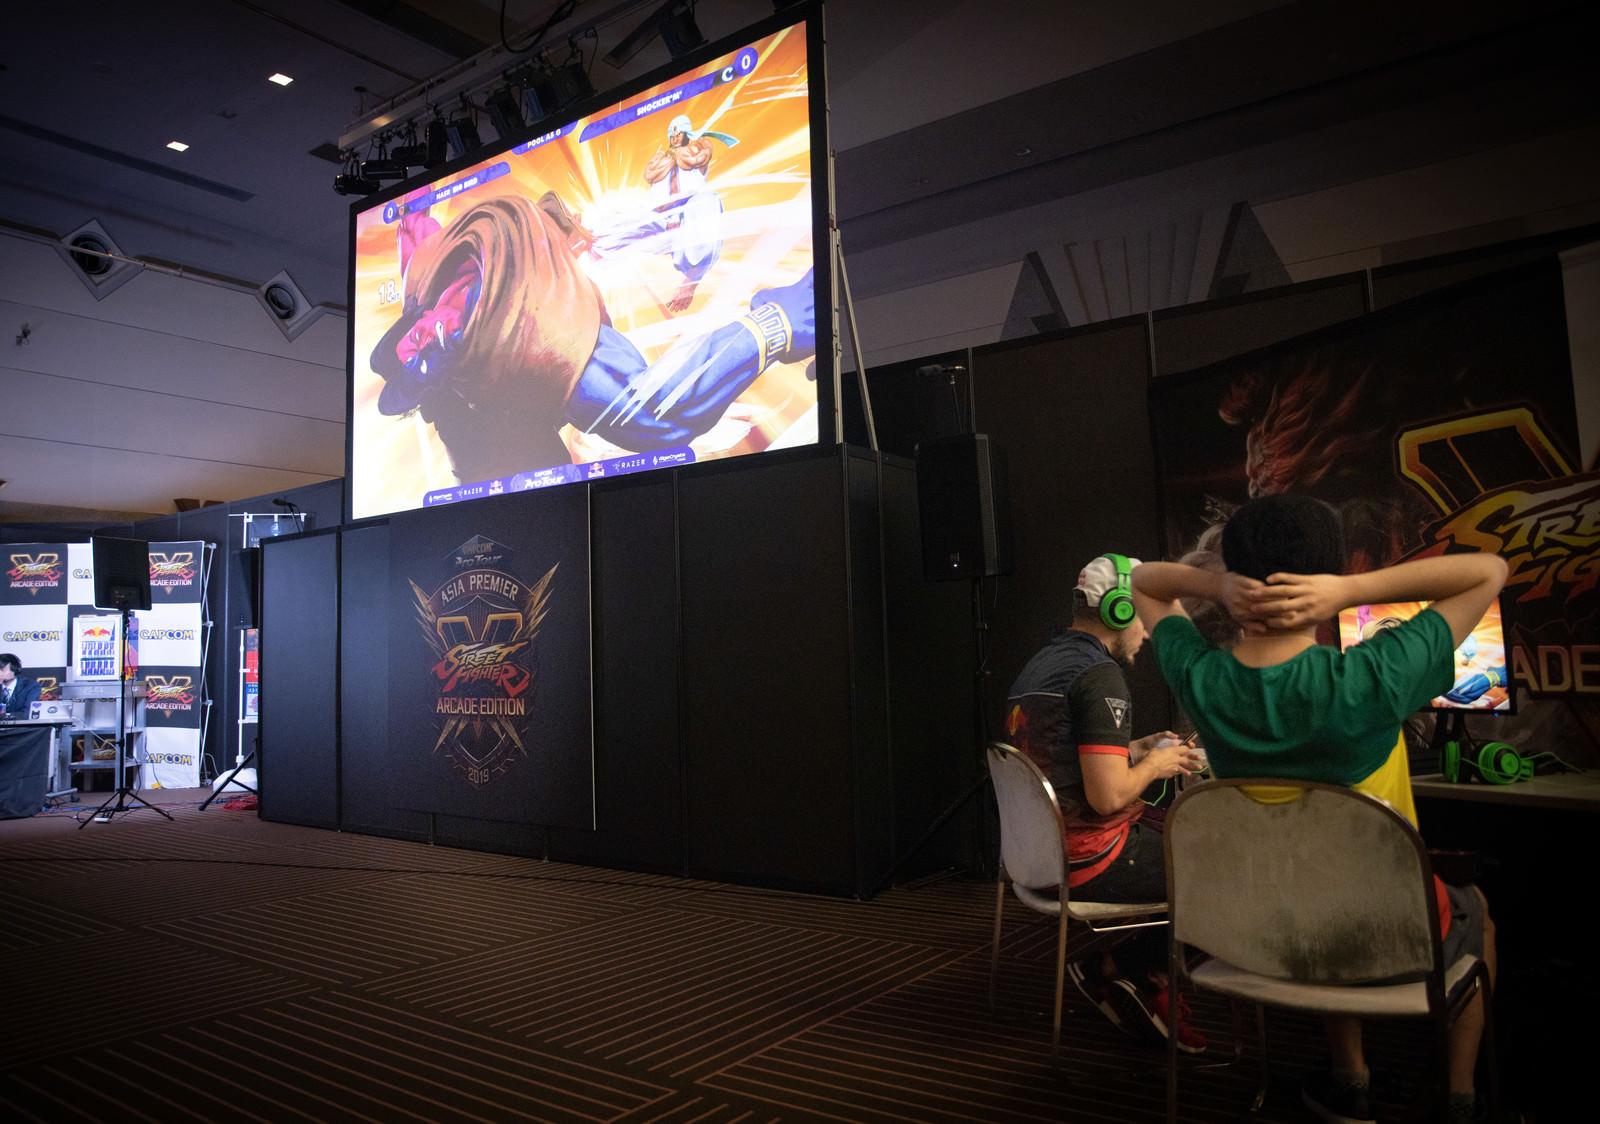 「巨大スクリーンに映し出される試合の様子 - CAPCOM Pro Tour 2019 アジアプレミア」の写真